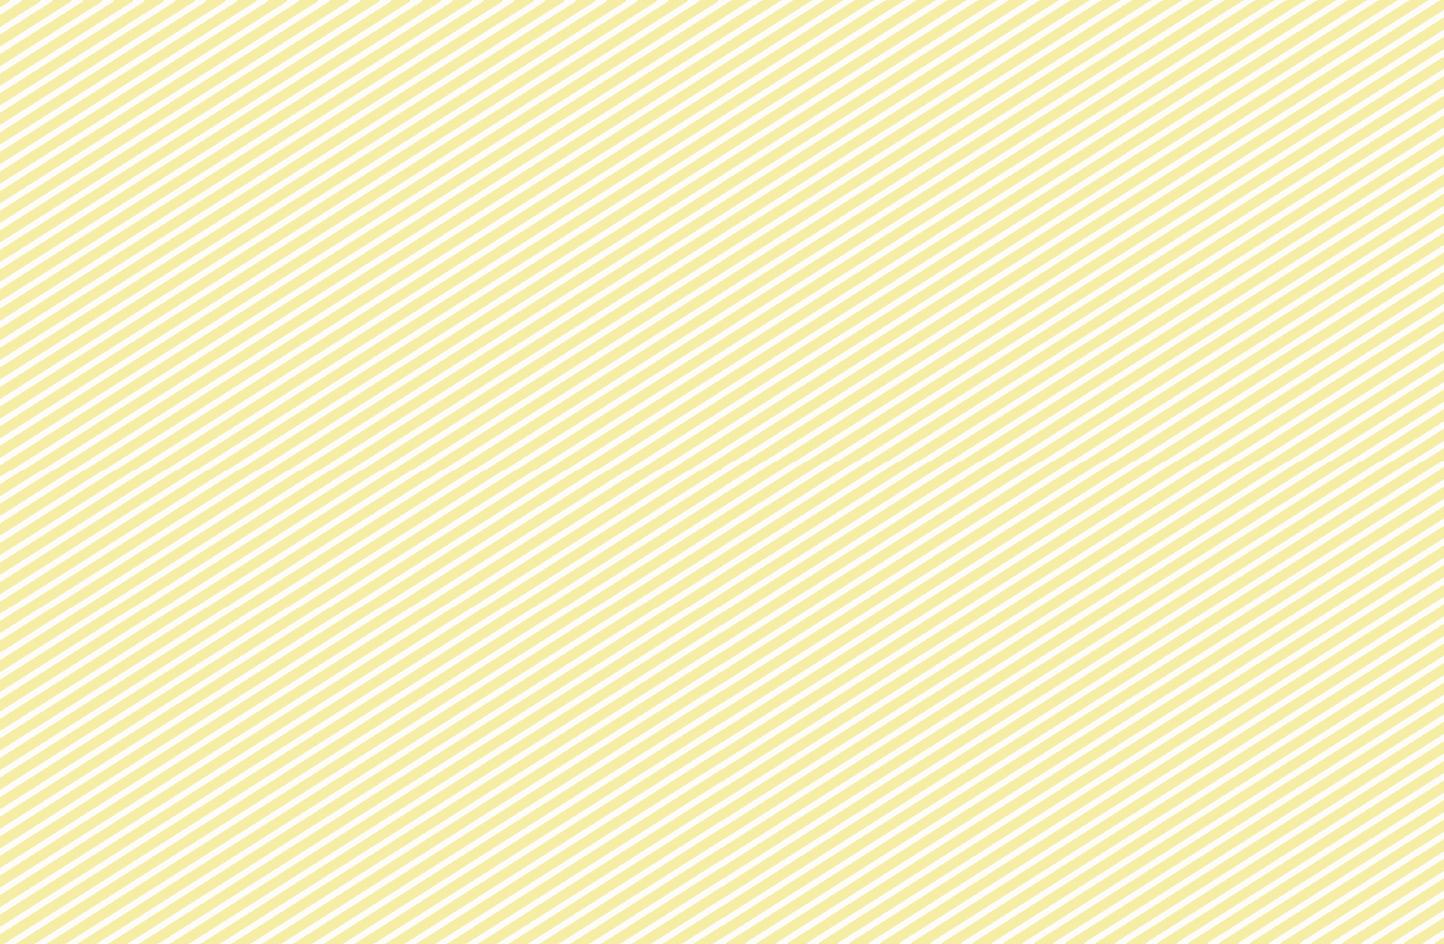 diagonalline.png